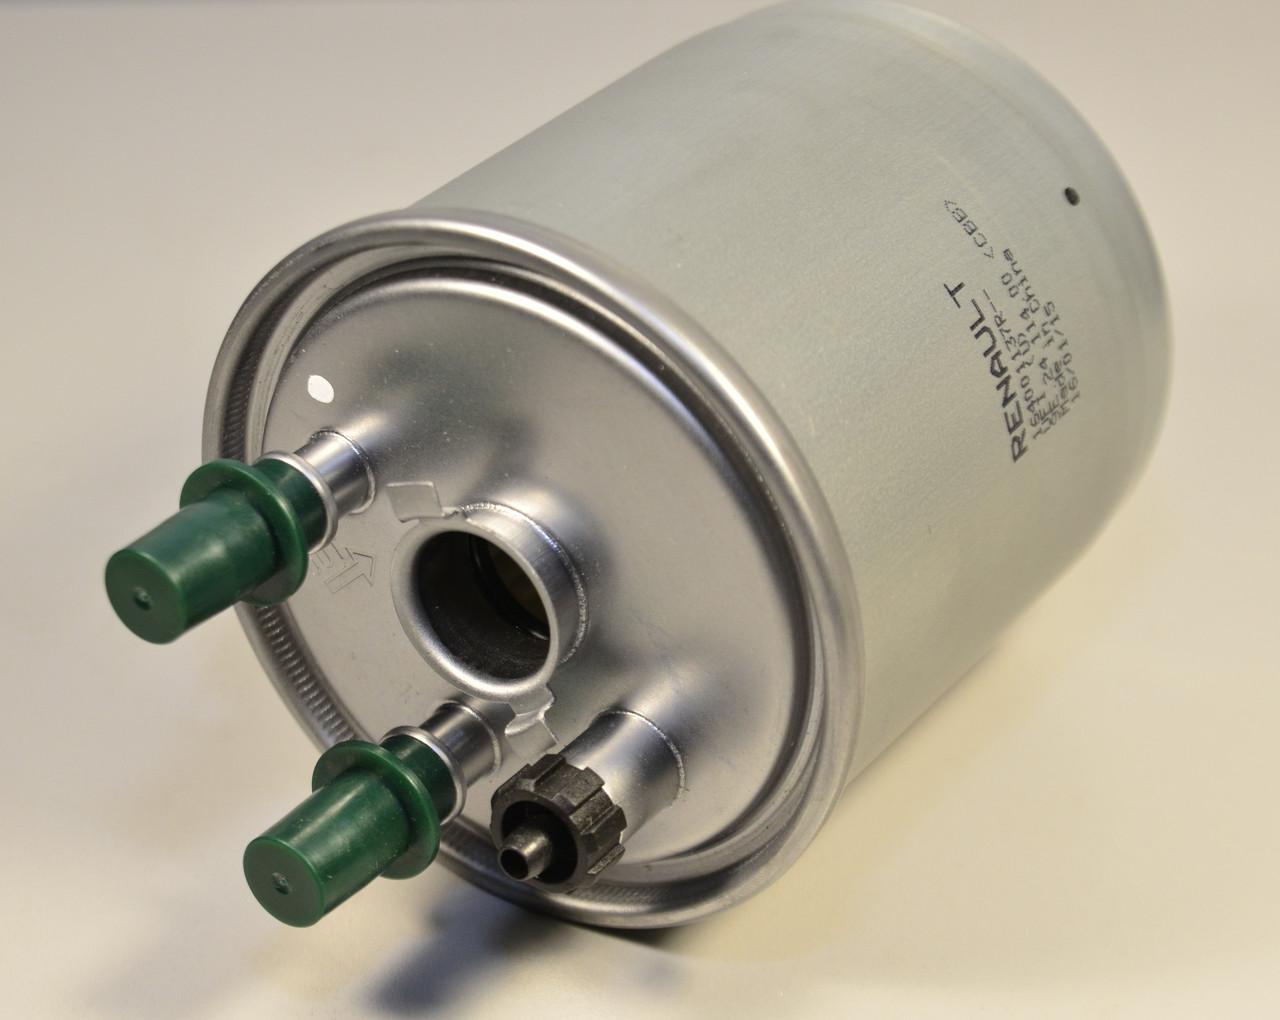 Паливний фільтр (з отвором під нагрівач) на Renault Kangoo II 06.2009->1.5 dCi — Renault - 164001137R